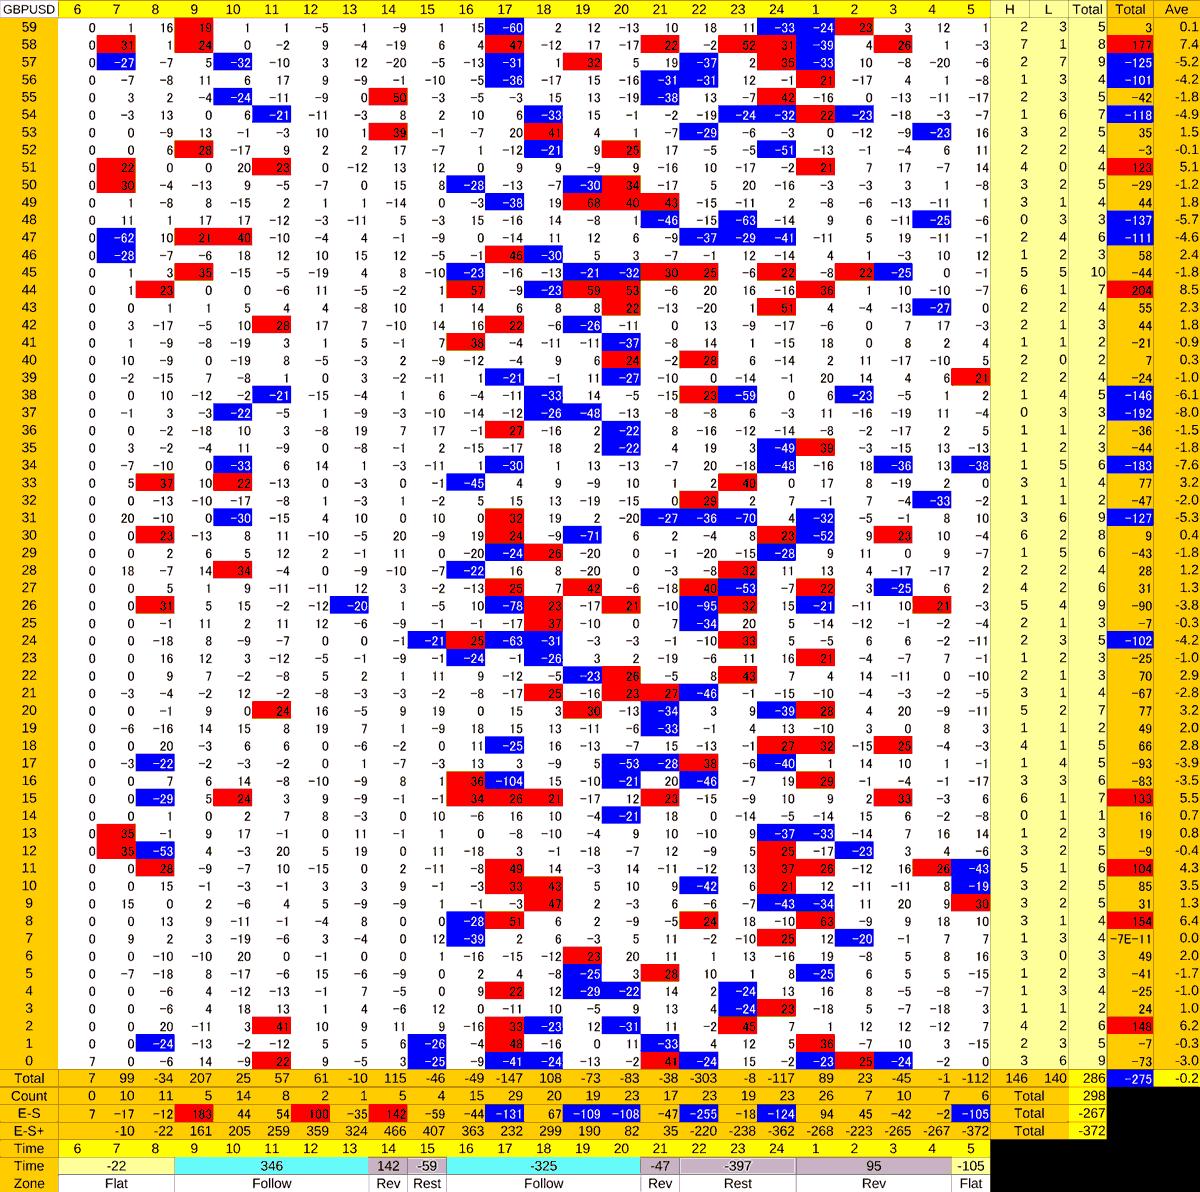 20210201_HS(2)GBPUSD